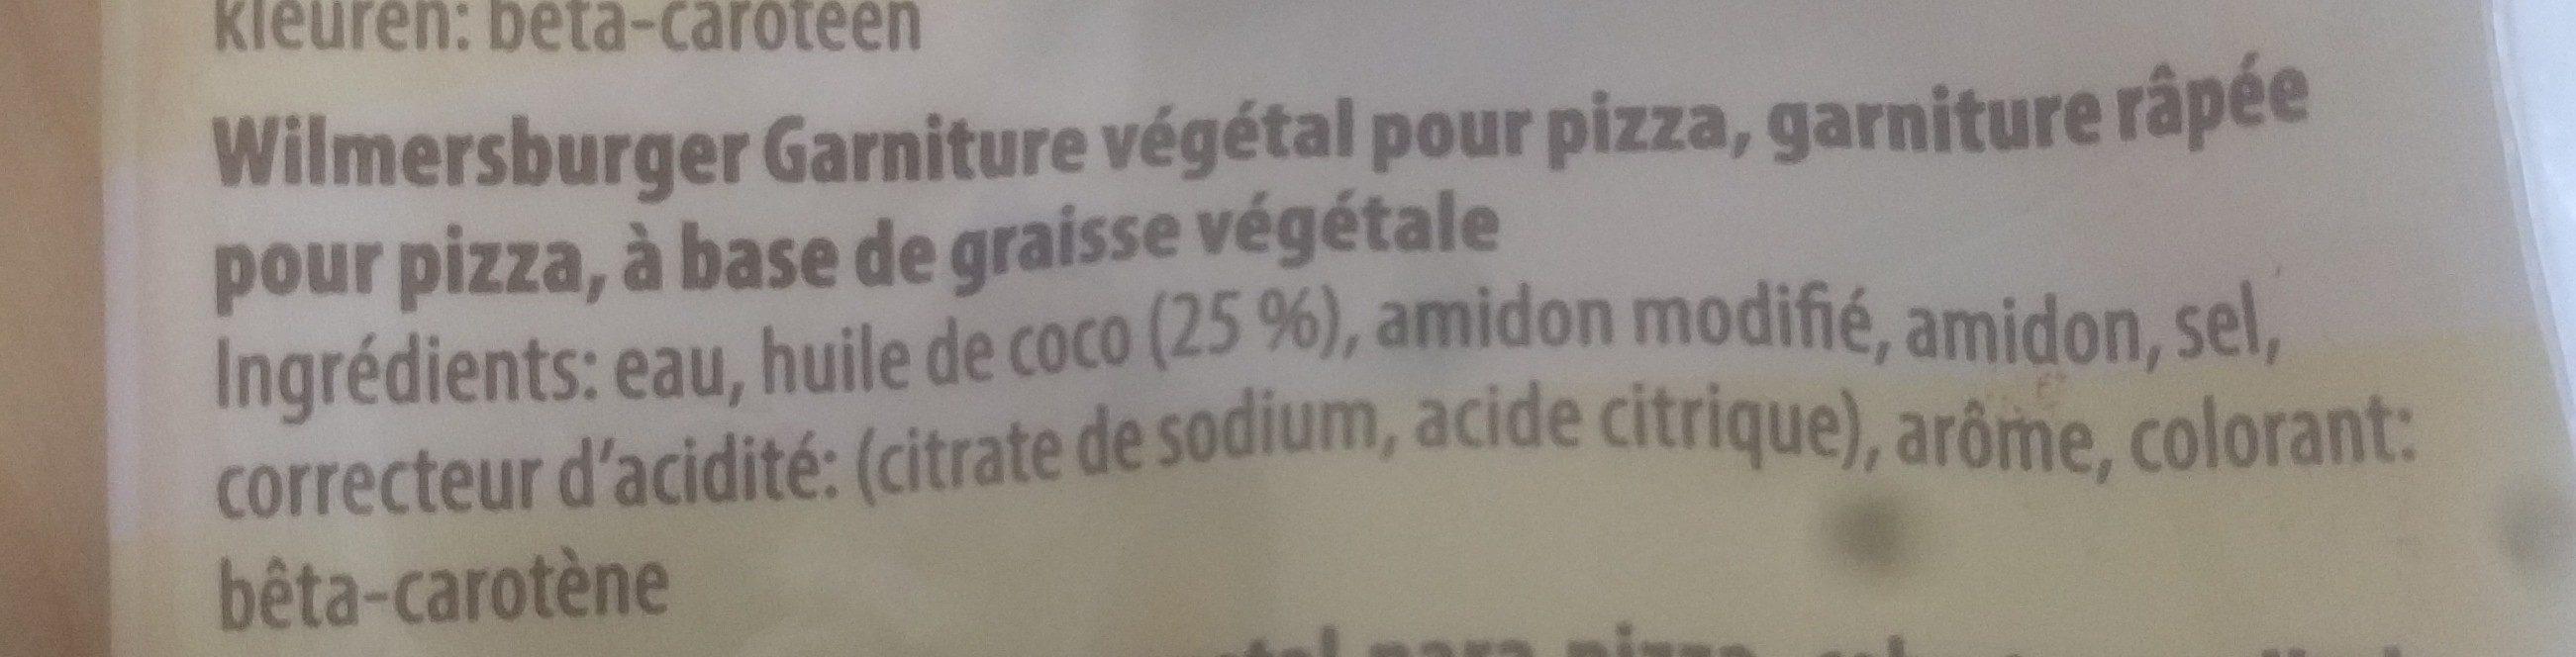 Wilmersburger Pizzaschmelz - Ingrediënten - fr